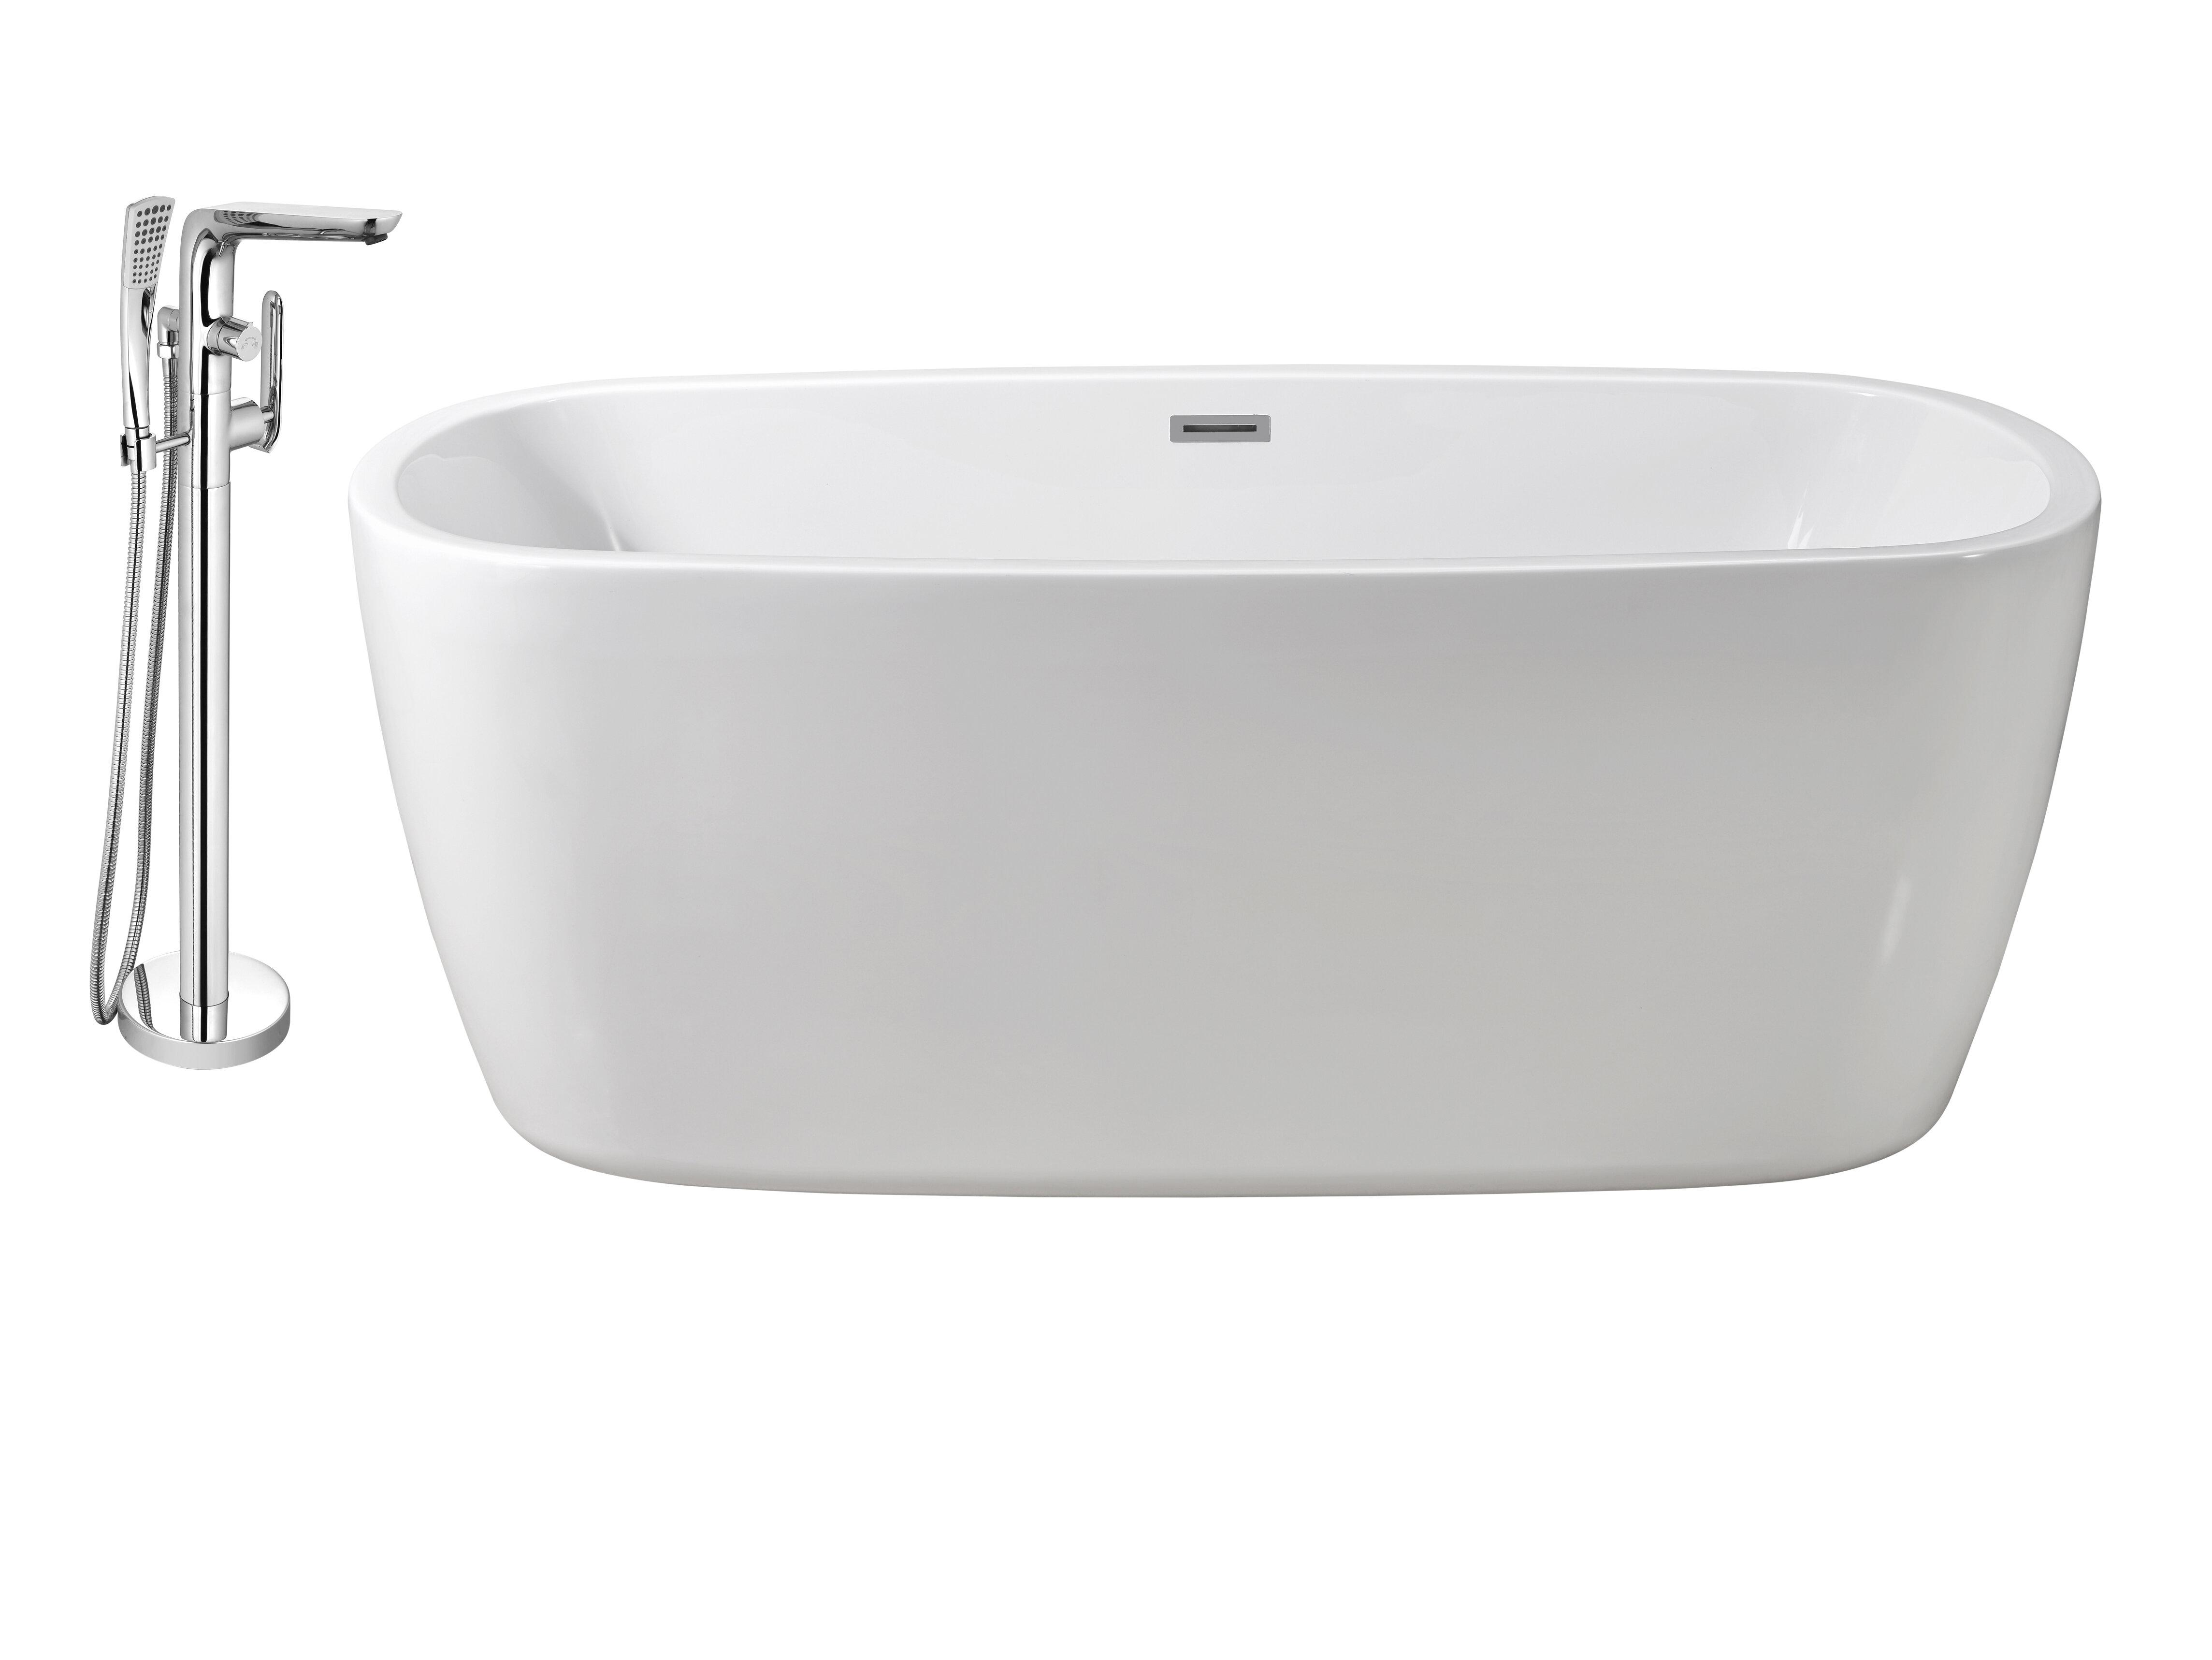 wht freestanding h aquatica x w idea r acrylic bathtub